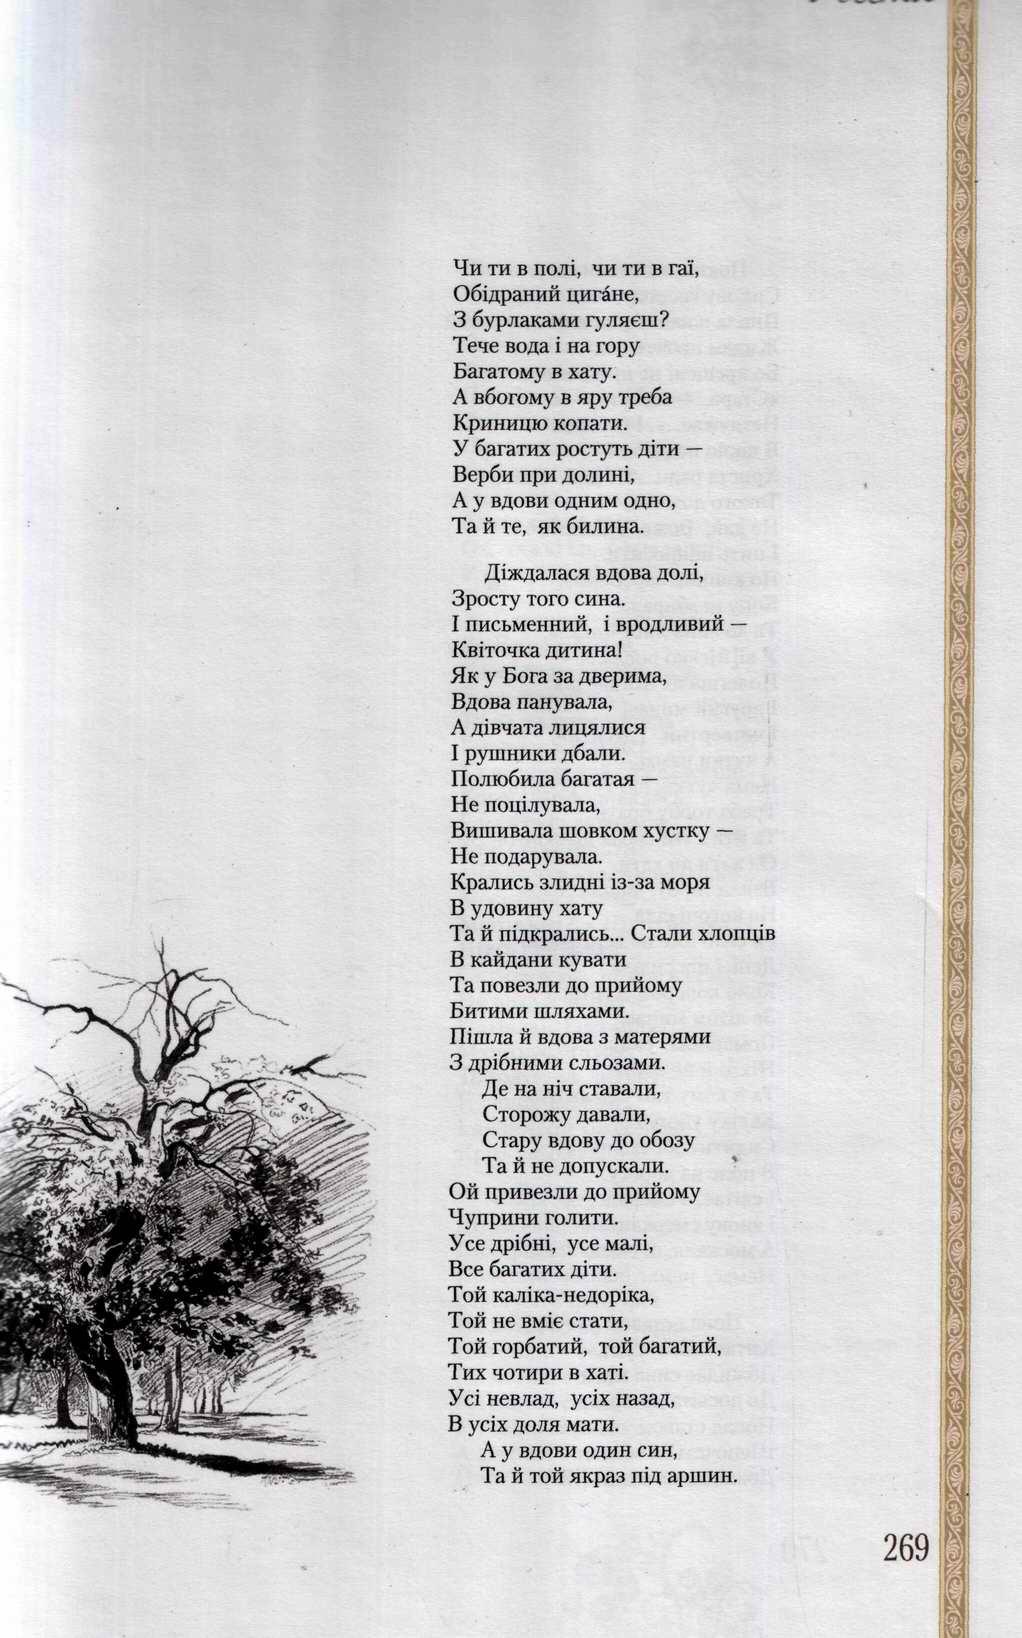 Shevchenko_cytata